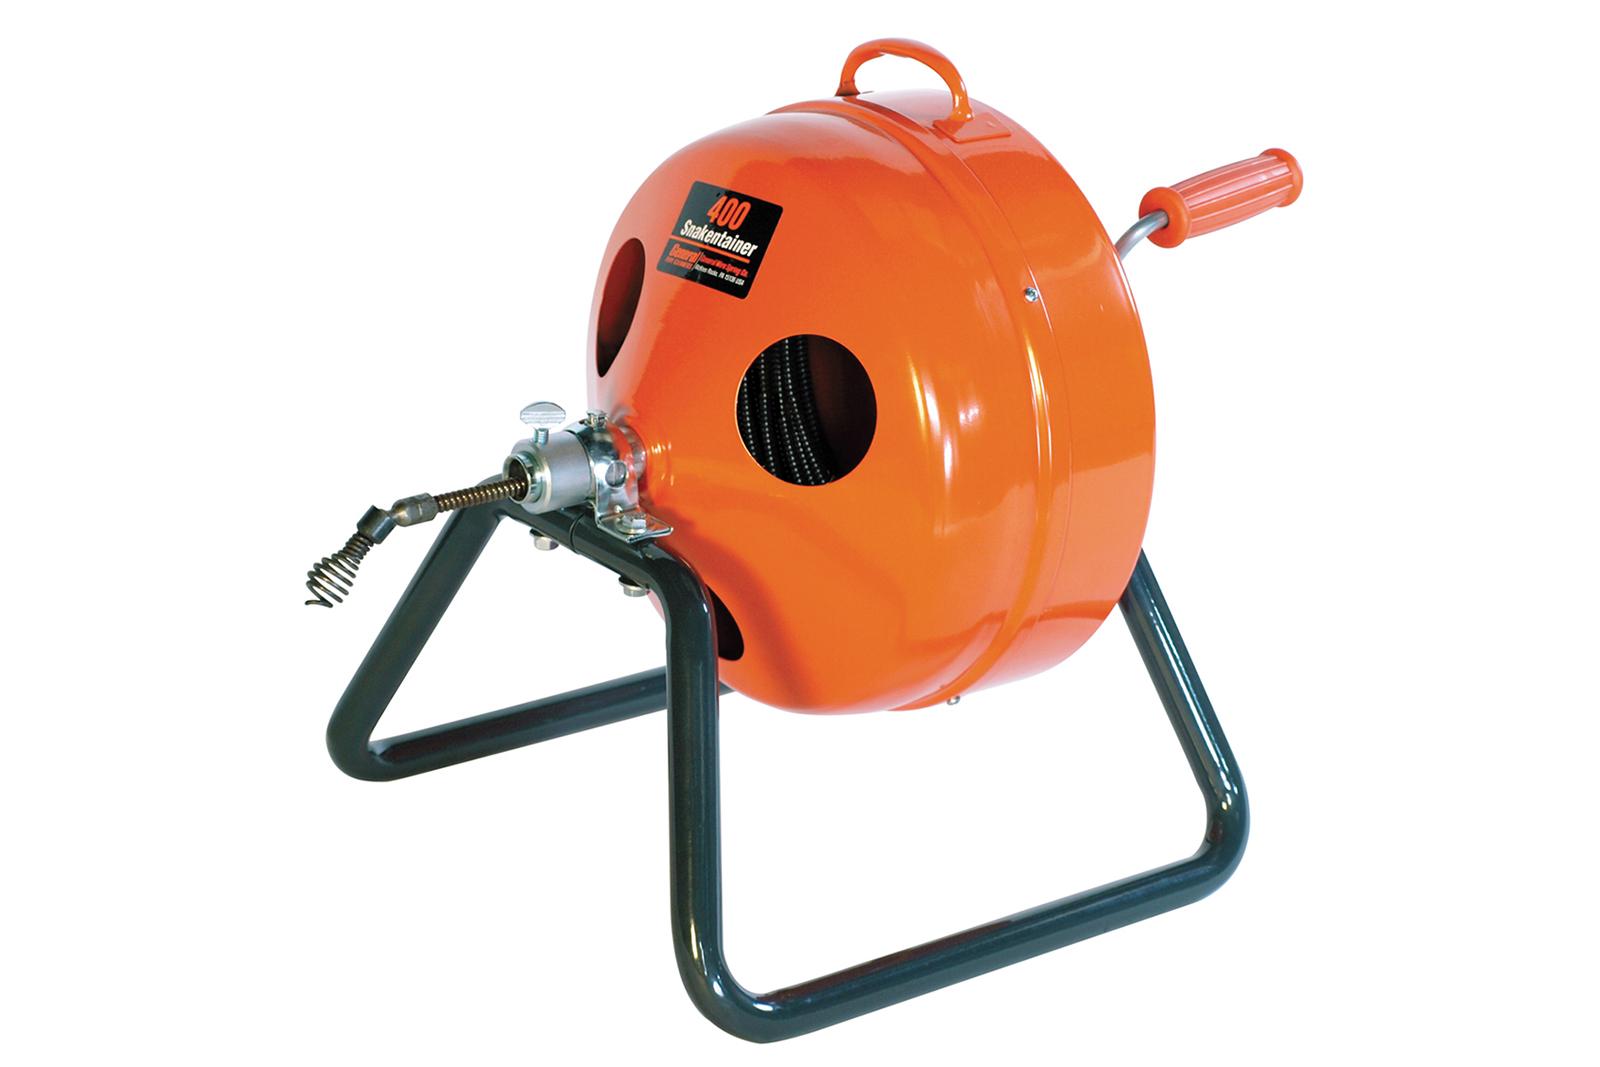 Прочистная машина General pipeПрочистное оборудование<br>Тип прочистного оборудования: трос для прочистки,<br>Макс. диаметр трубы: 150,<br>Мин. диаметр трубы: 50,<br>Длина спирали: 23<br>